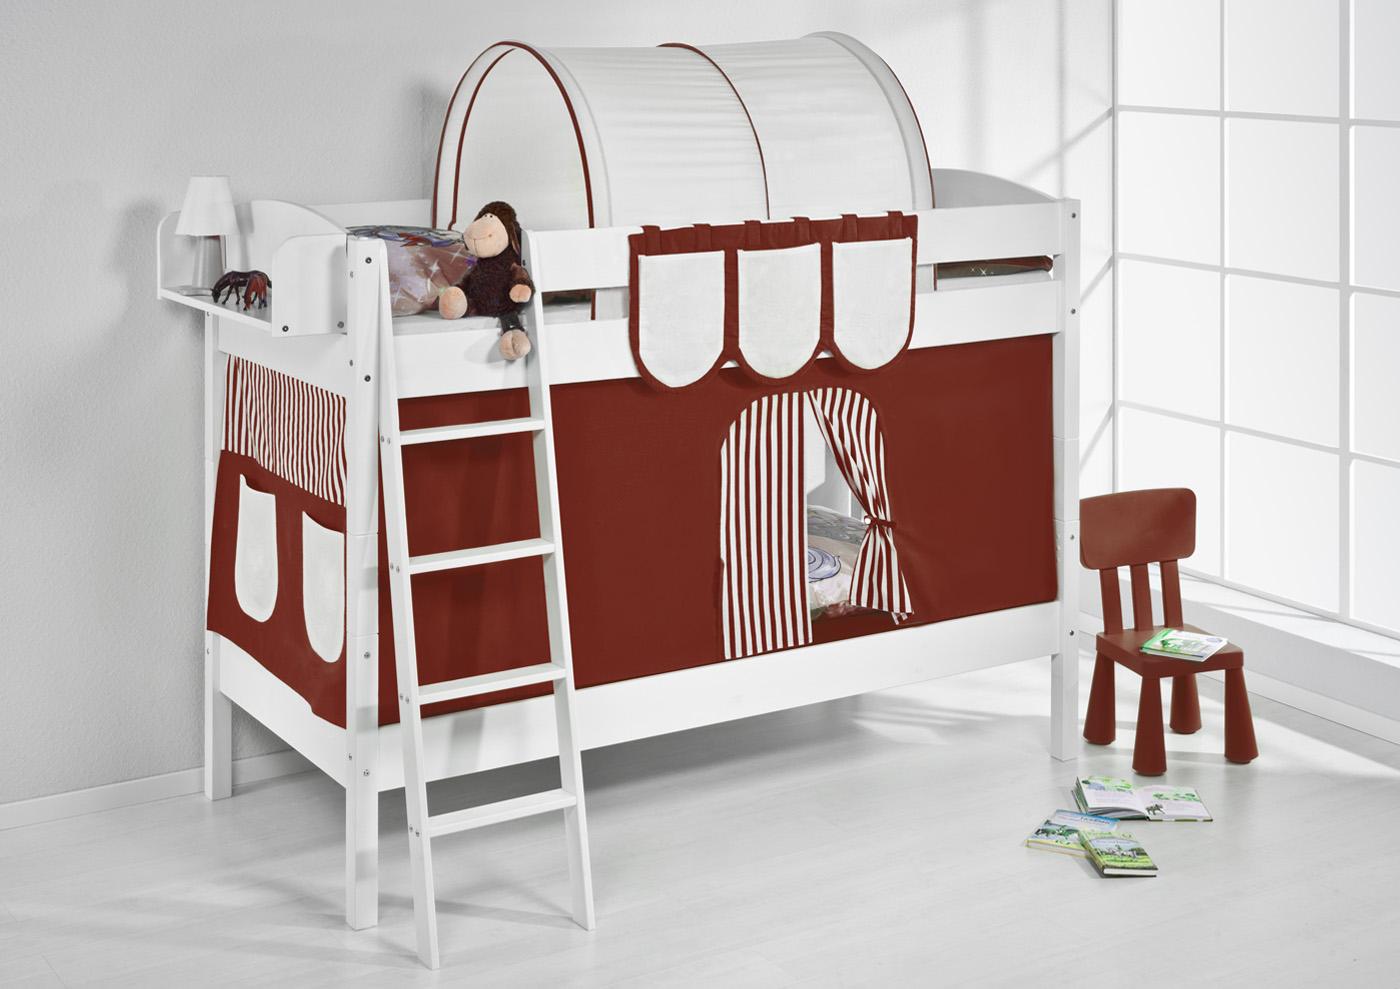 Etagenbett Hochbett Kinder Bett Aus Massiver Kiefer Ida 4105 Weiss